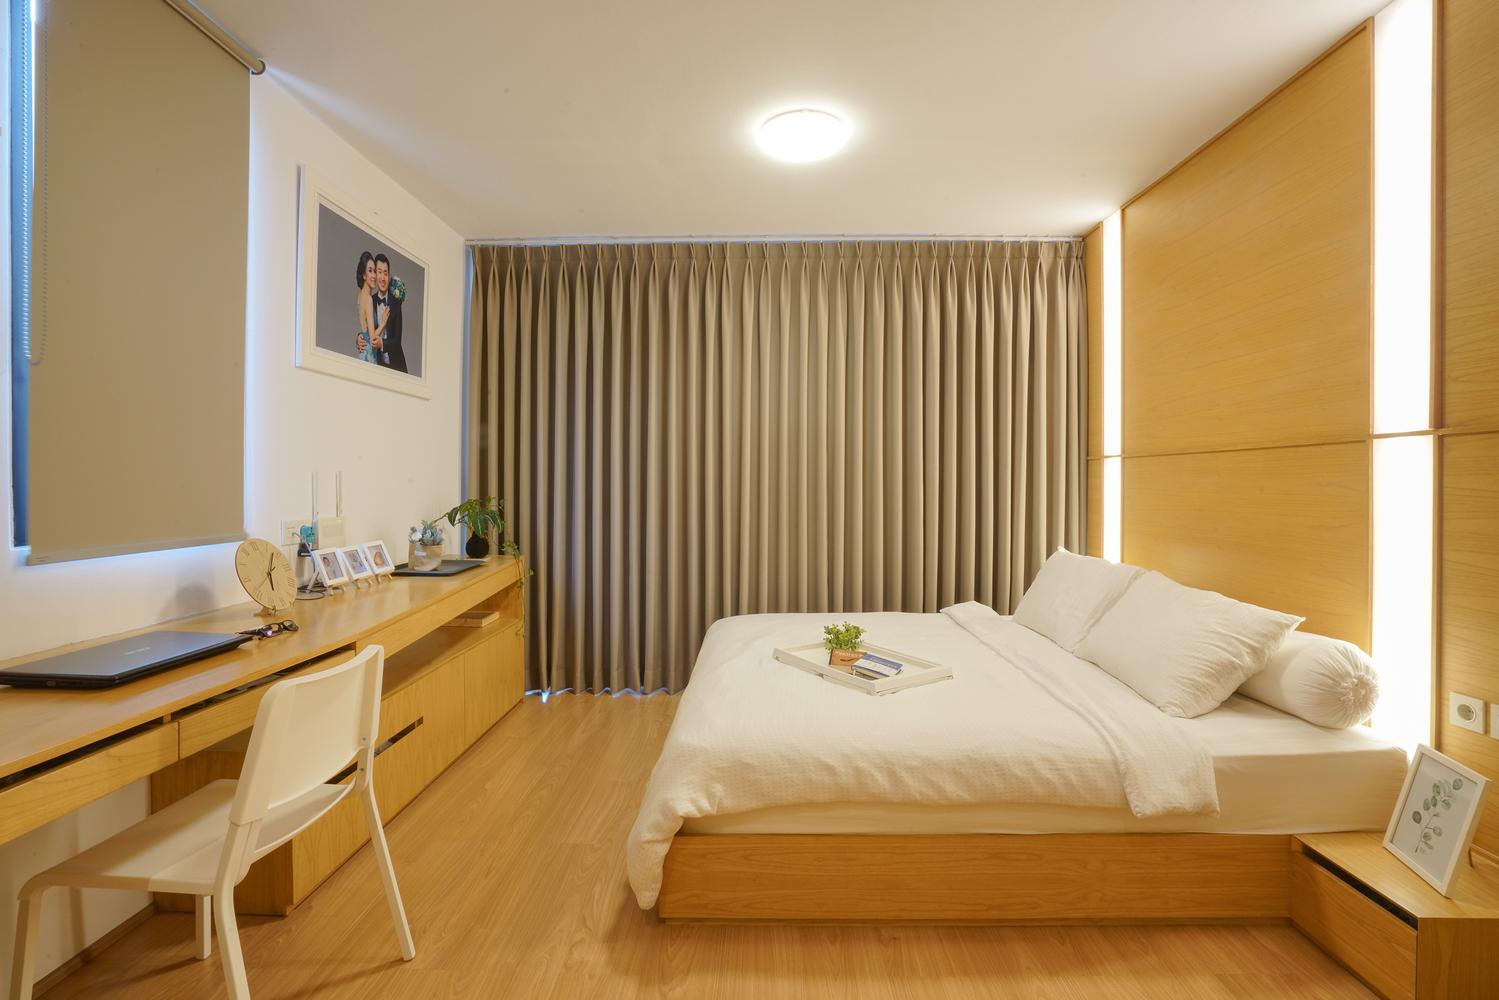 hình ảnh phòng ngủ chính có rèm cửa dày màu ghi xám